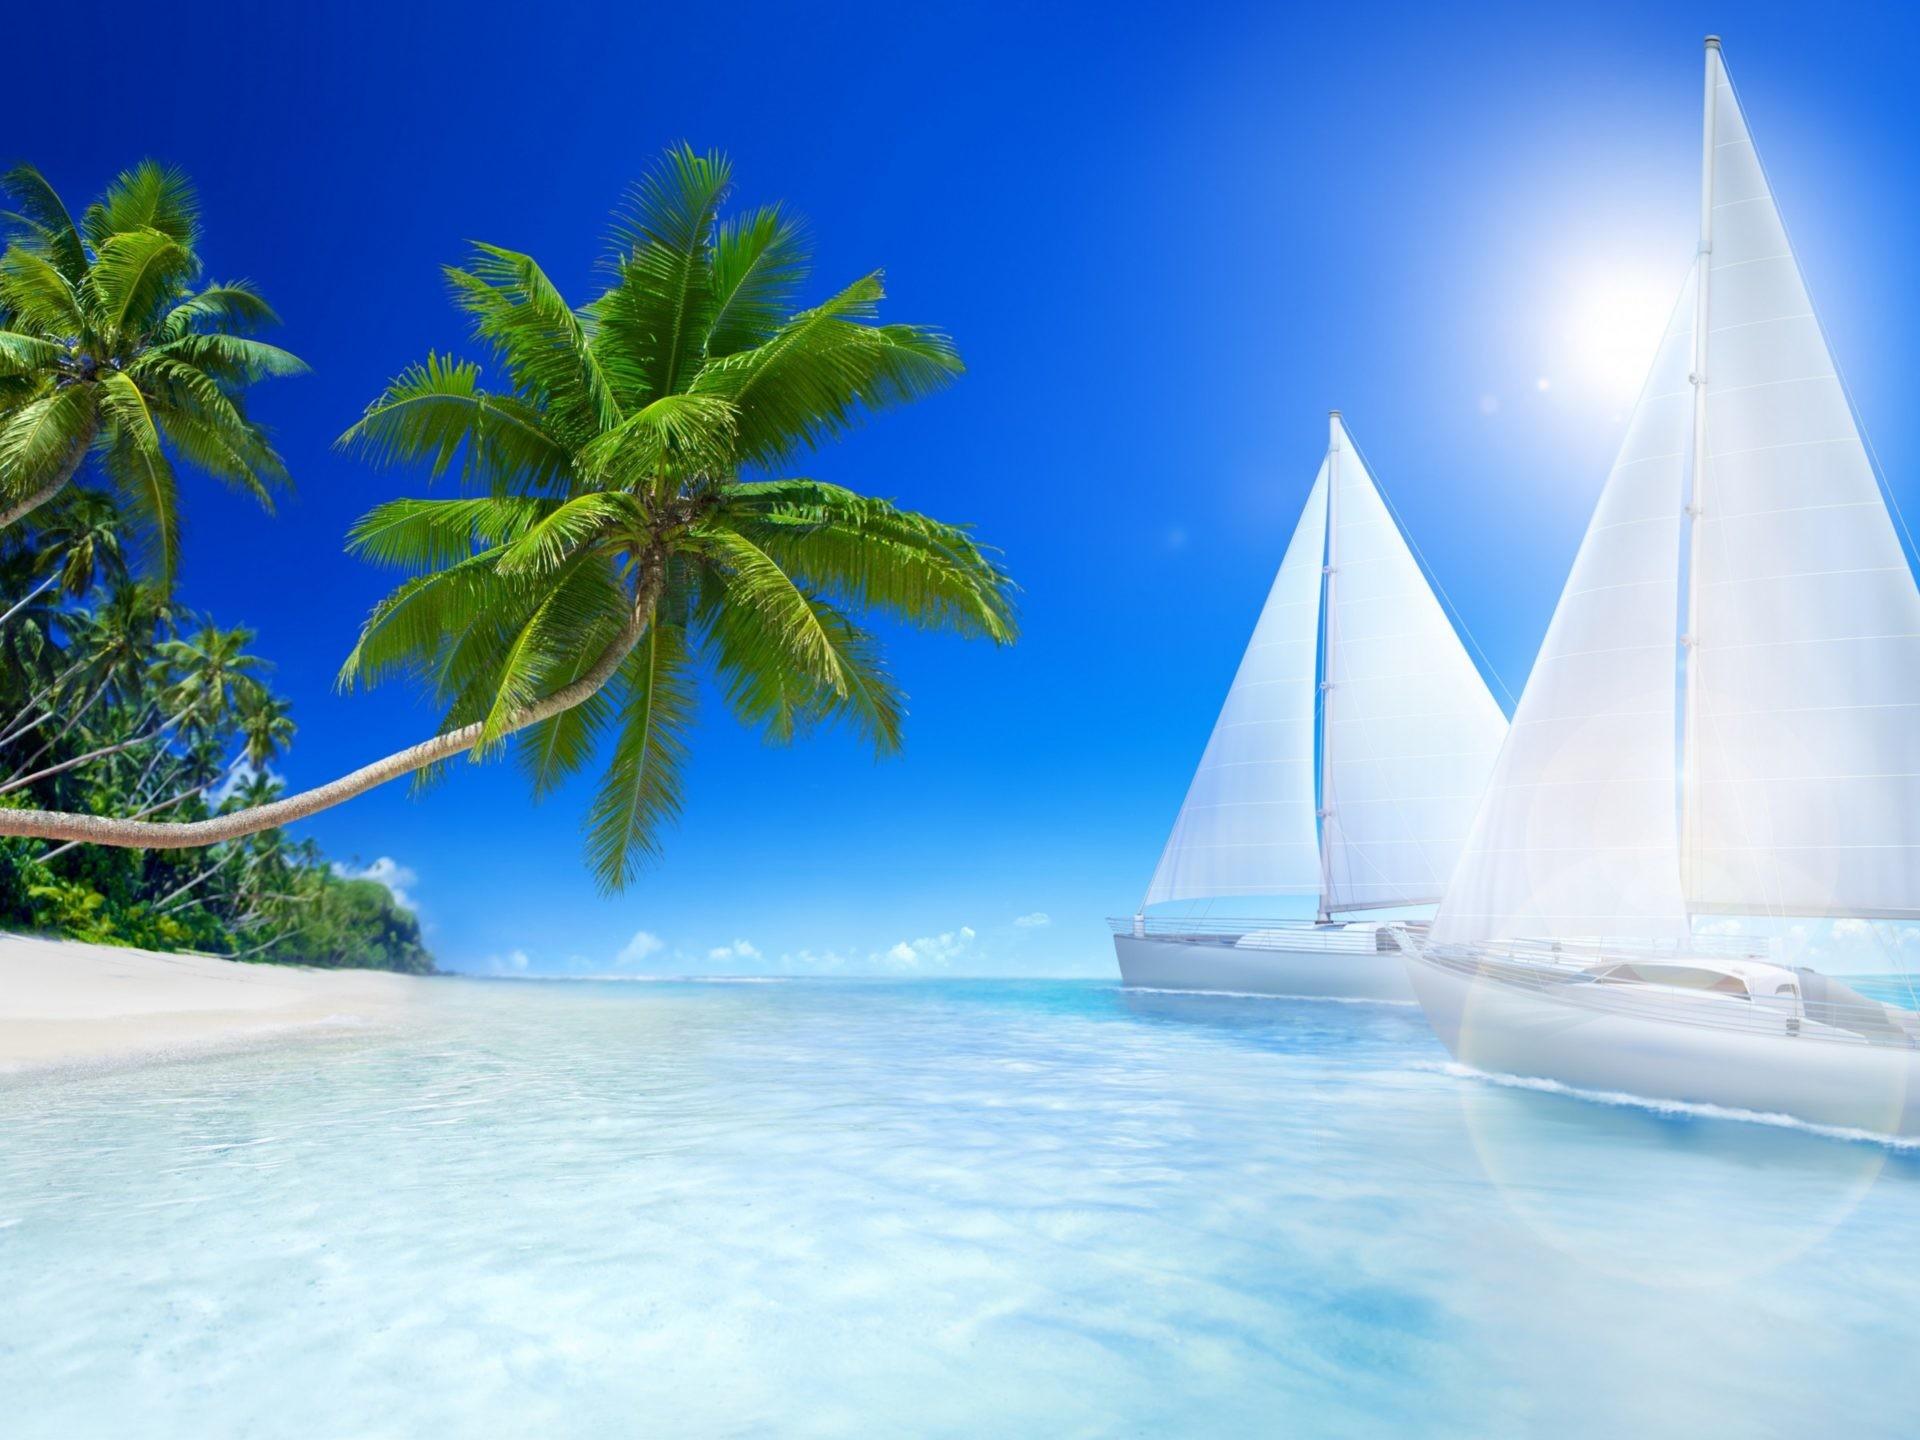 1920x1440, Beautiful Beach Ultra Hd 32k Wallpaper   - Beach Desktop Backgrounds - HD Wallpaper